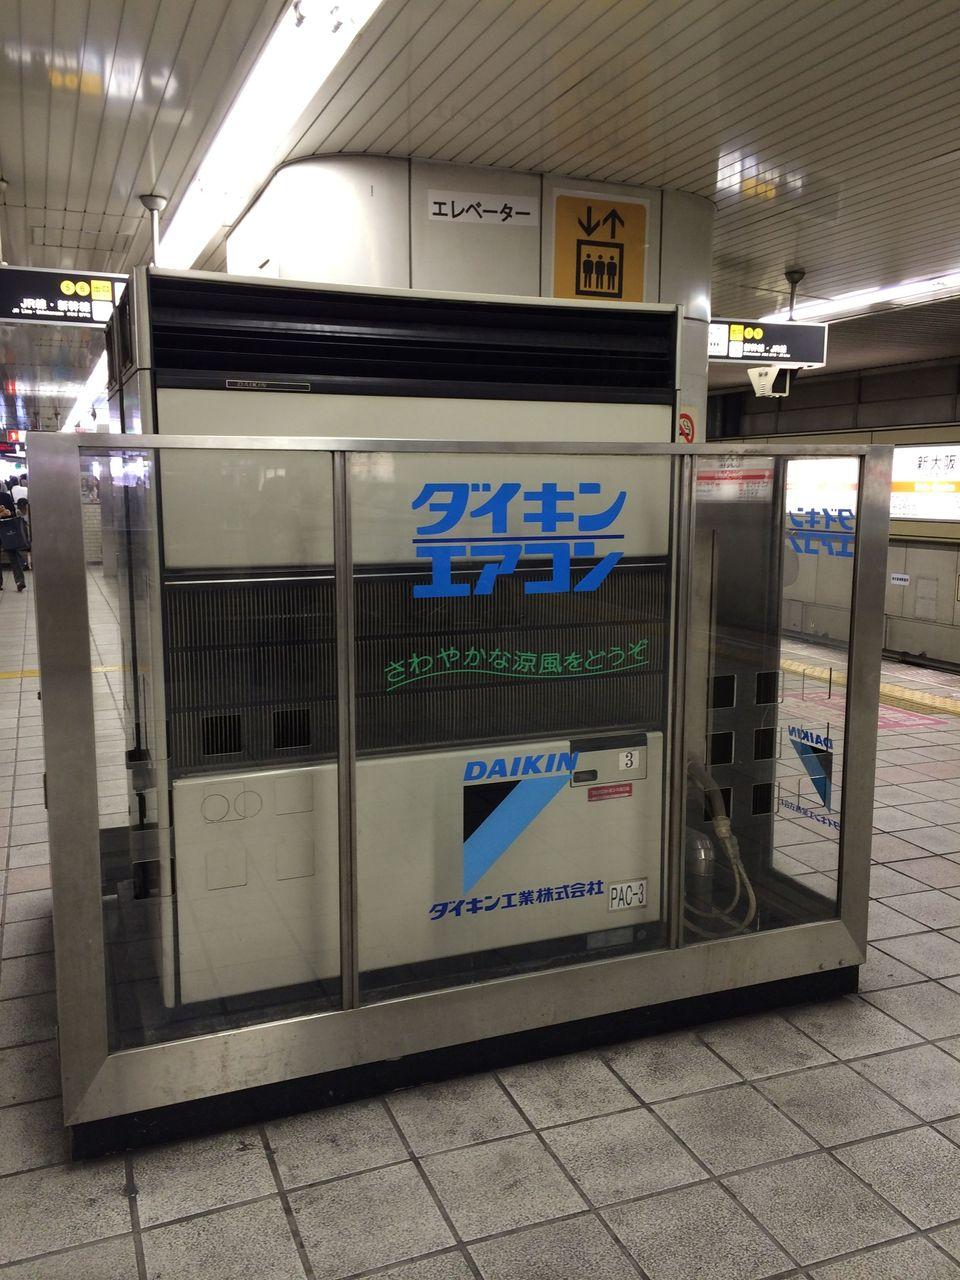 ダイキン業務用エアコン@地下鉄新大阪駅ホーム